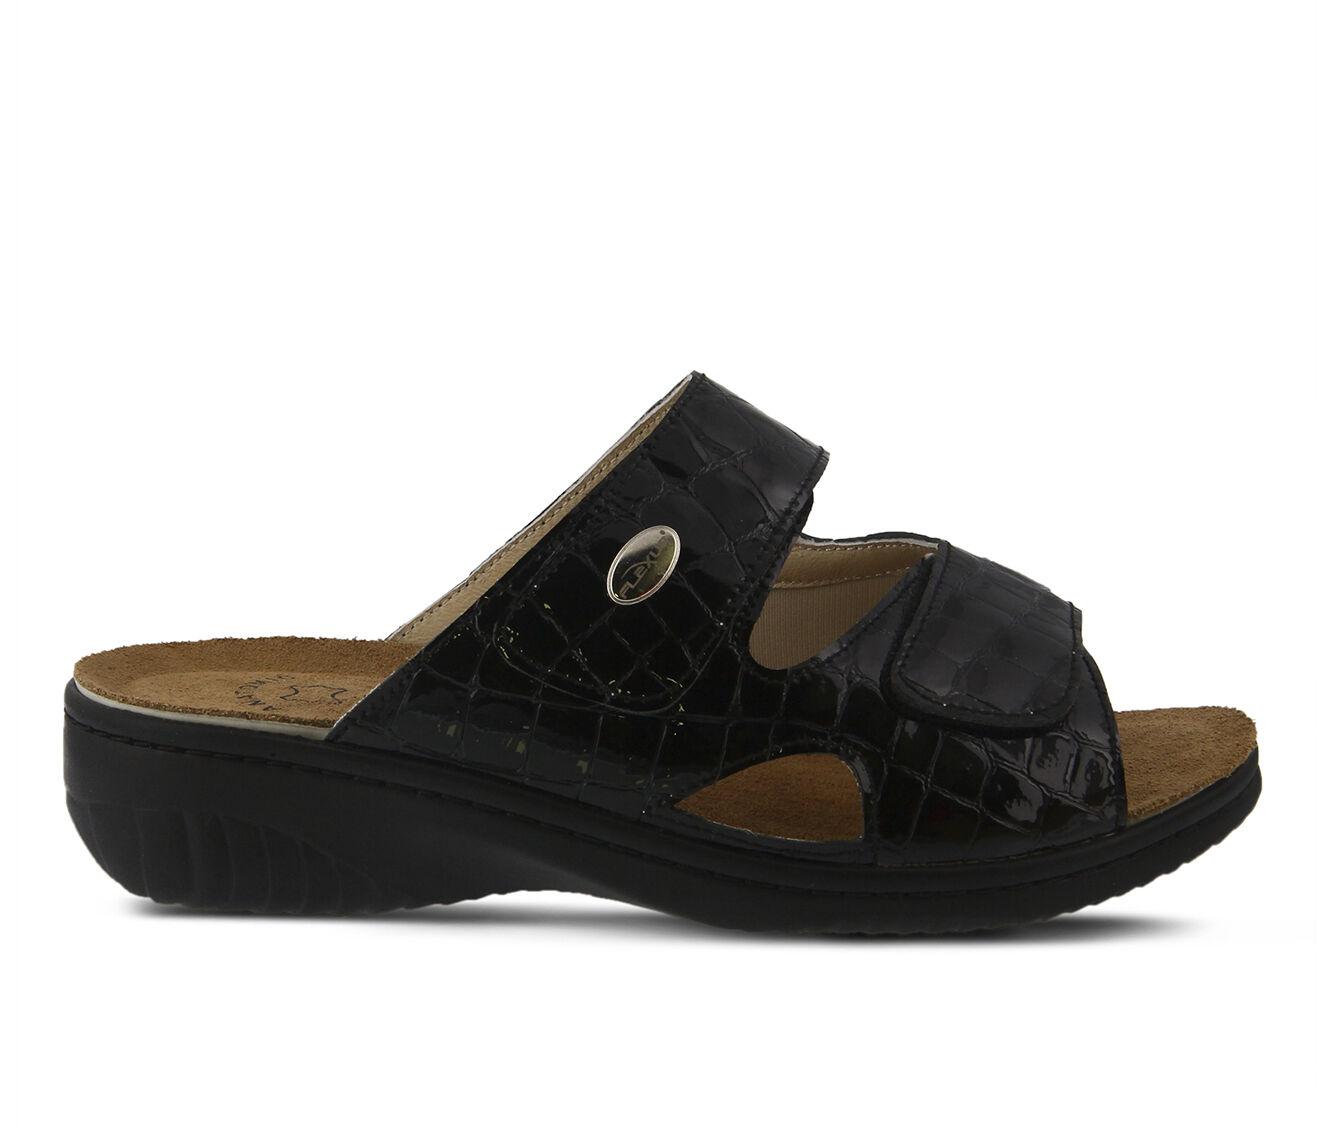 Women's FLEXUS Almeria Sandals Black Pat